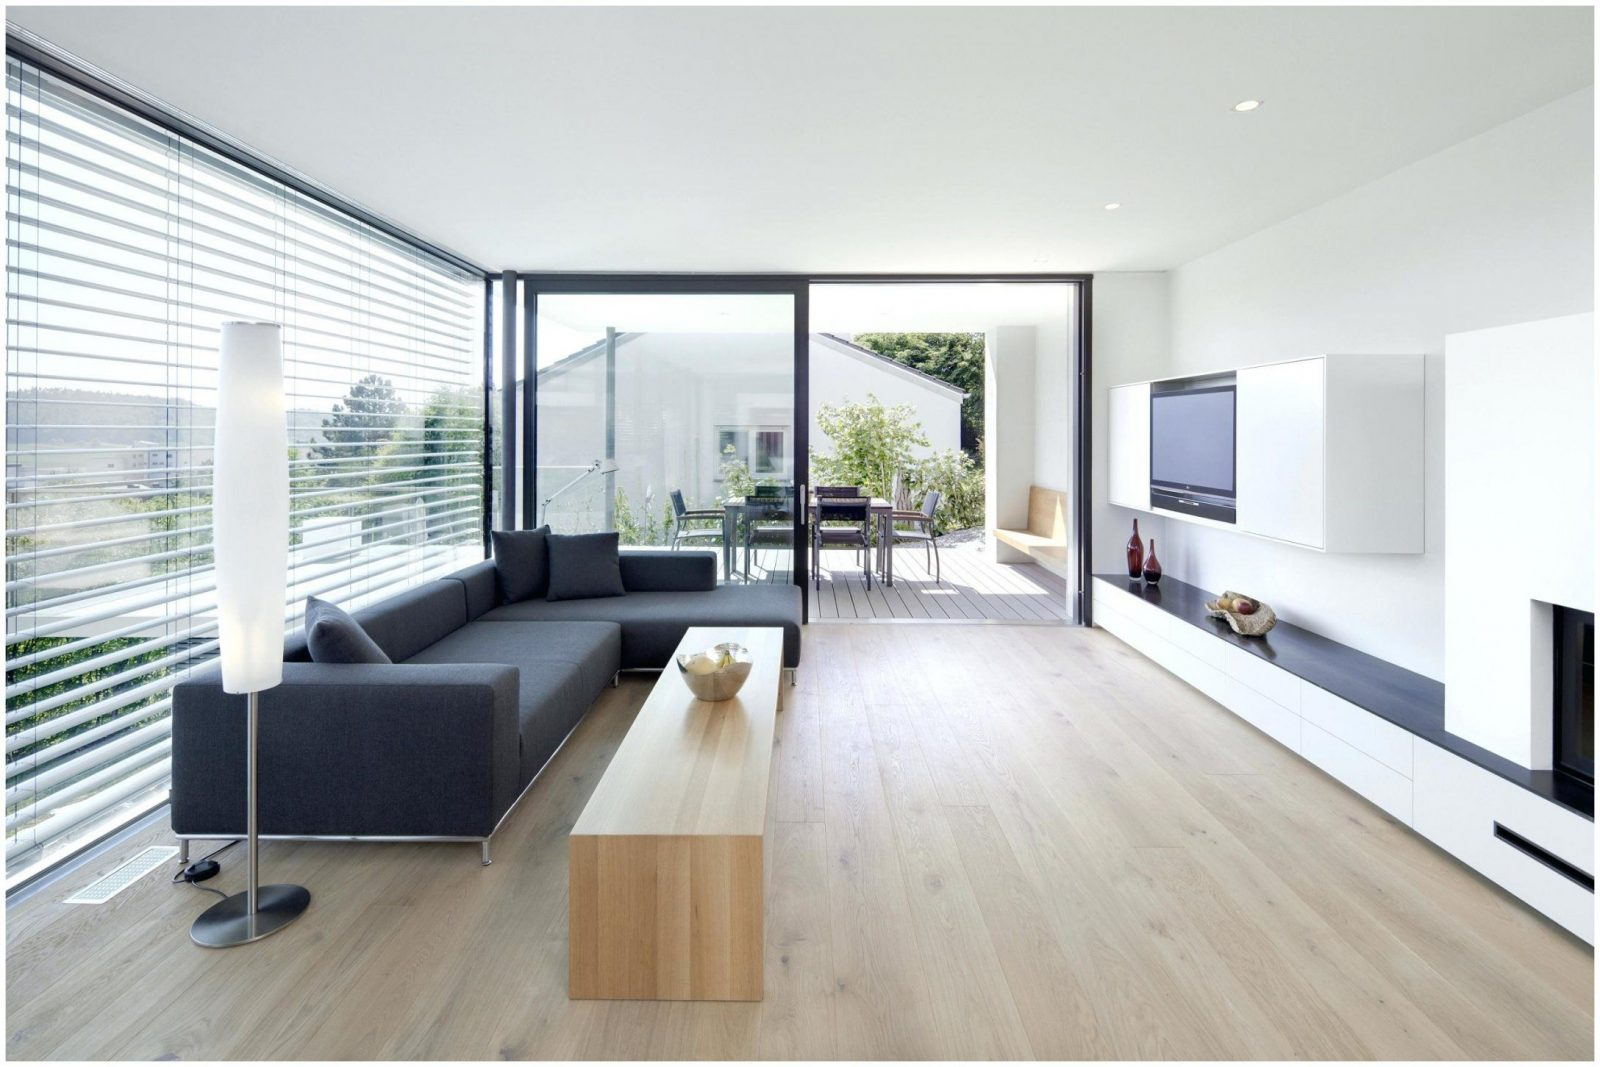 tvr ckwand selbst bauen alle kabel verschwinden hinter der von wand tv kabel verstecken photo. Black Bedroom Furniture Sets. Home Design Ideas